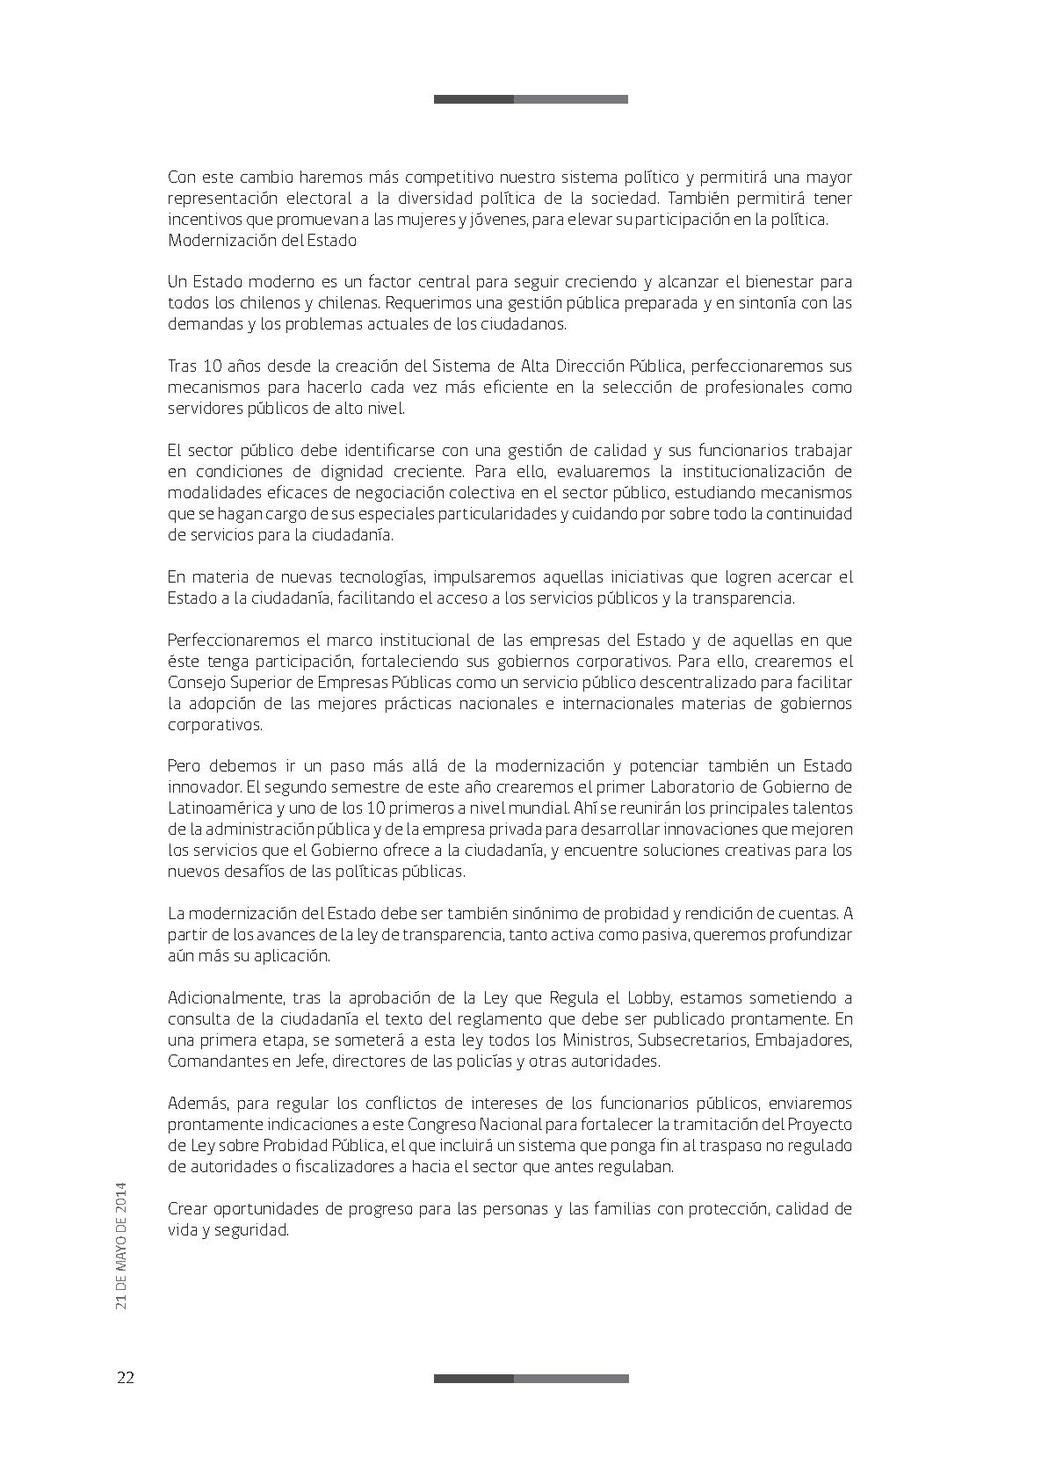 Página:Mensaje Presidencial 21 de Mayo de 2014.pdf/22 - Wikisource